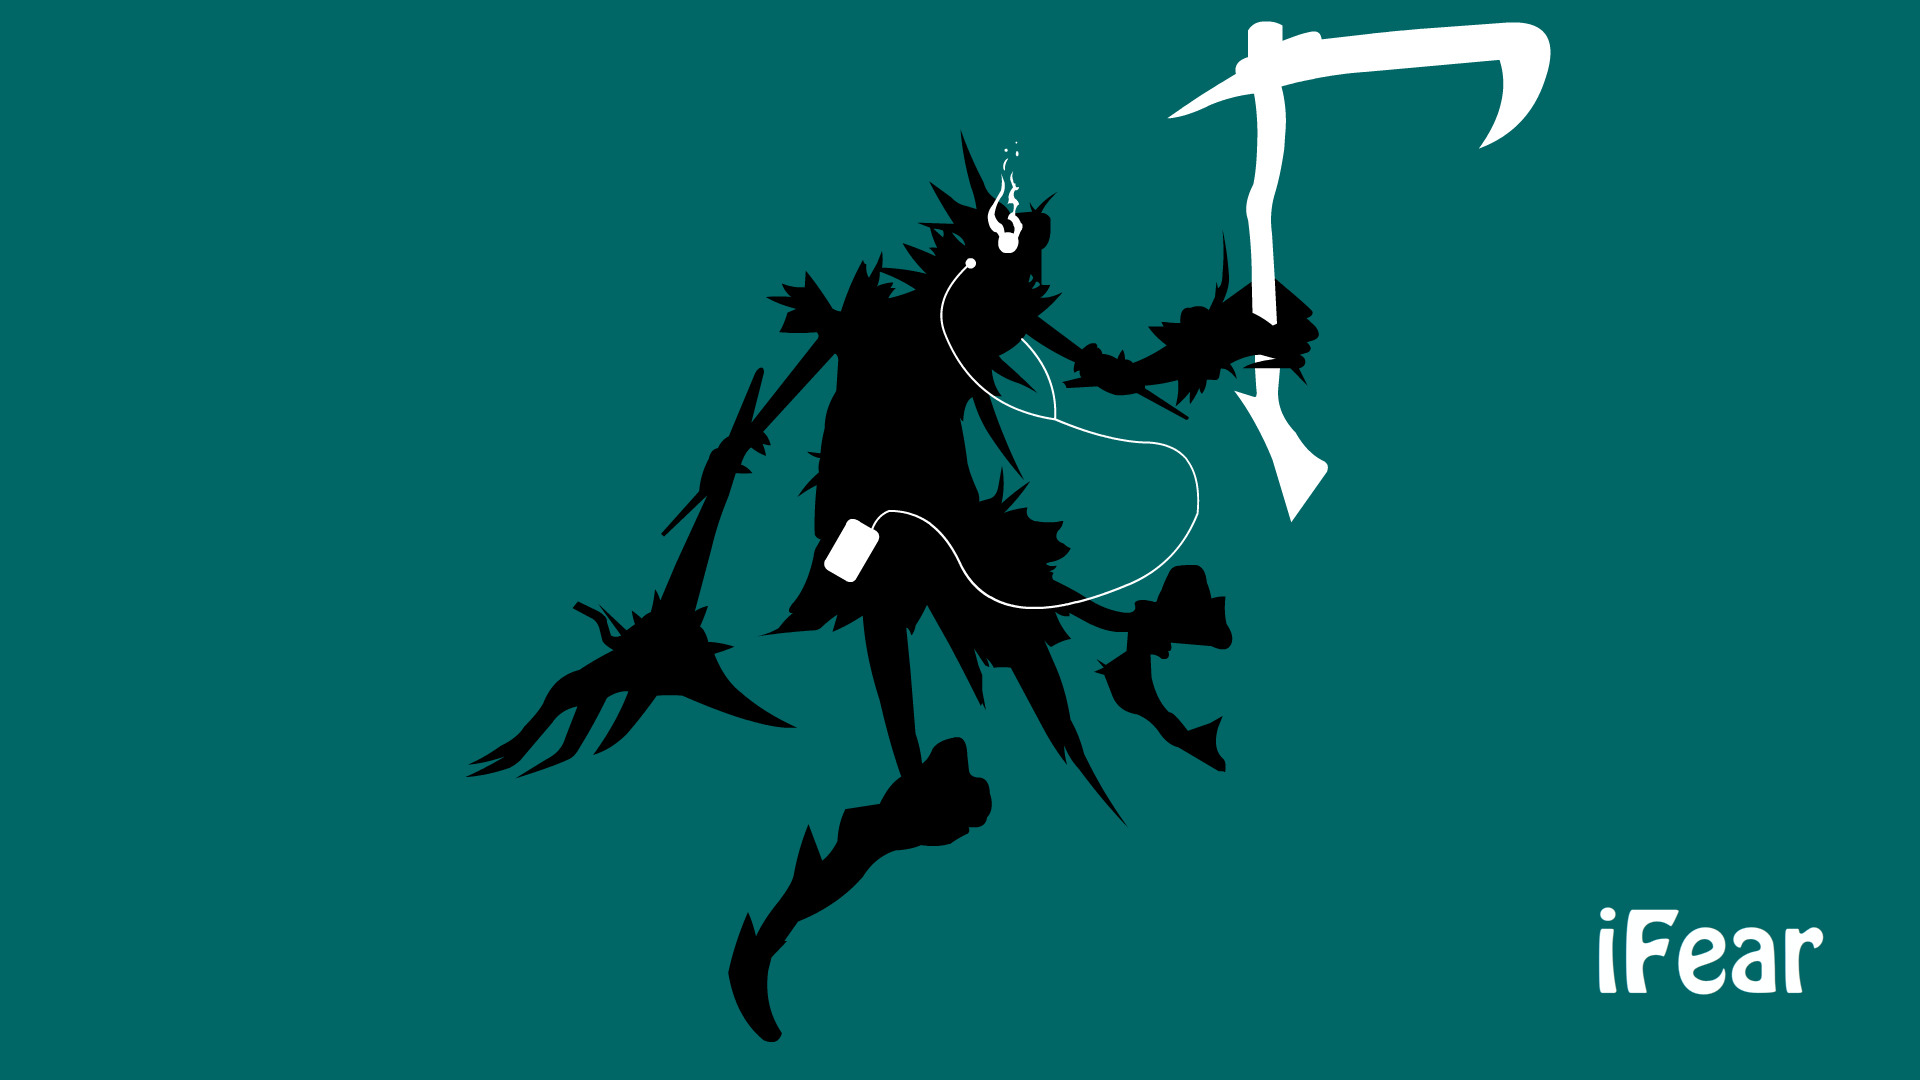 Draven And Girls Wallpaper Scythe League Of Legends Fiddlesticks Wallpapers Hd